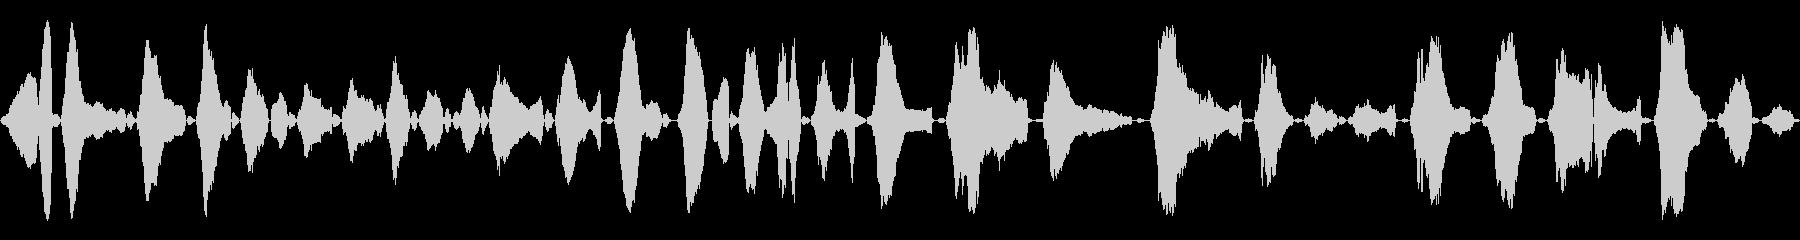 赤ちゃんの泣き声<泣き方 : 強め>の未再生の波形